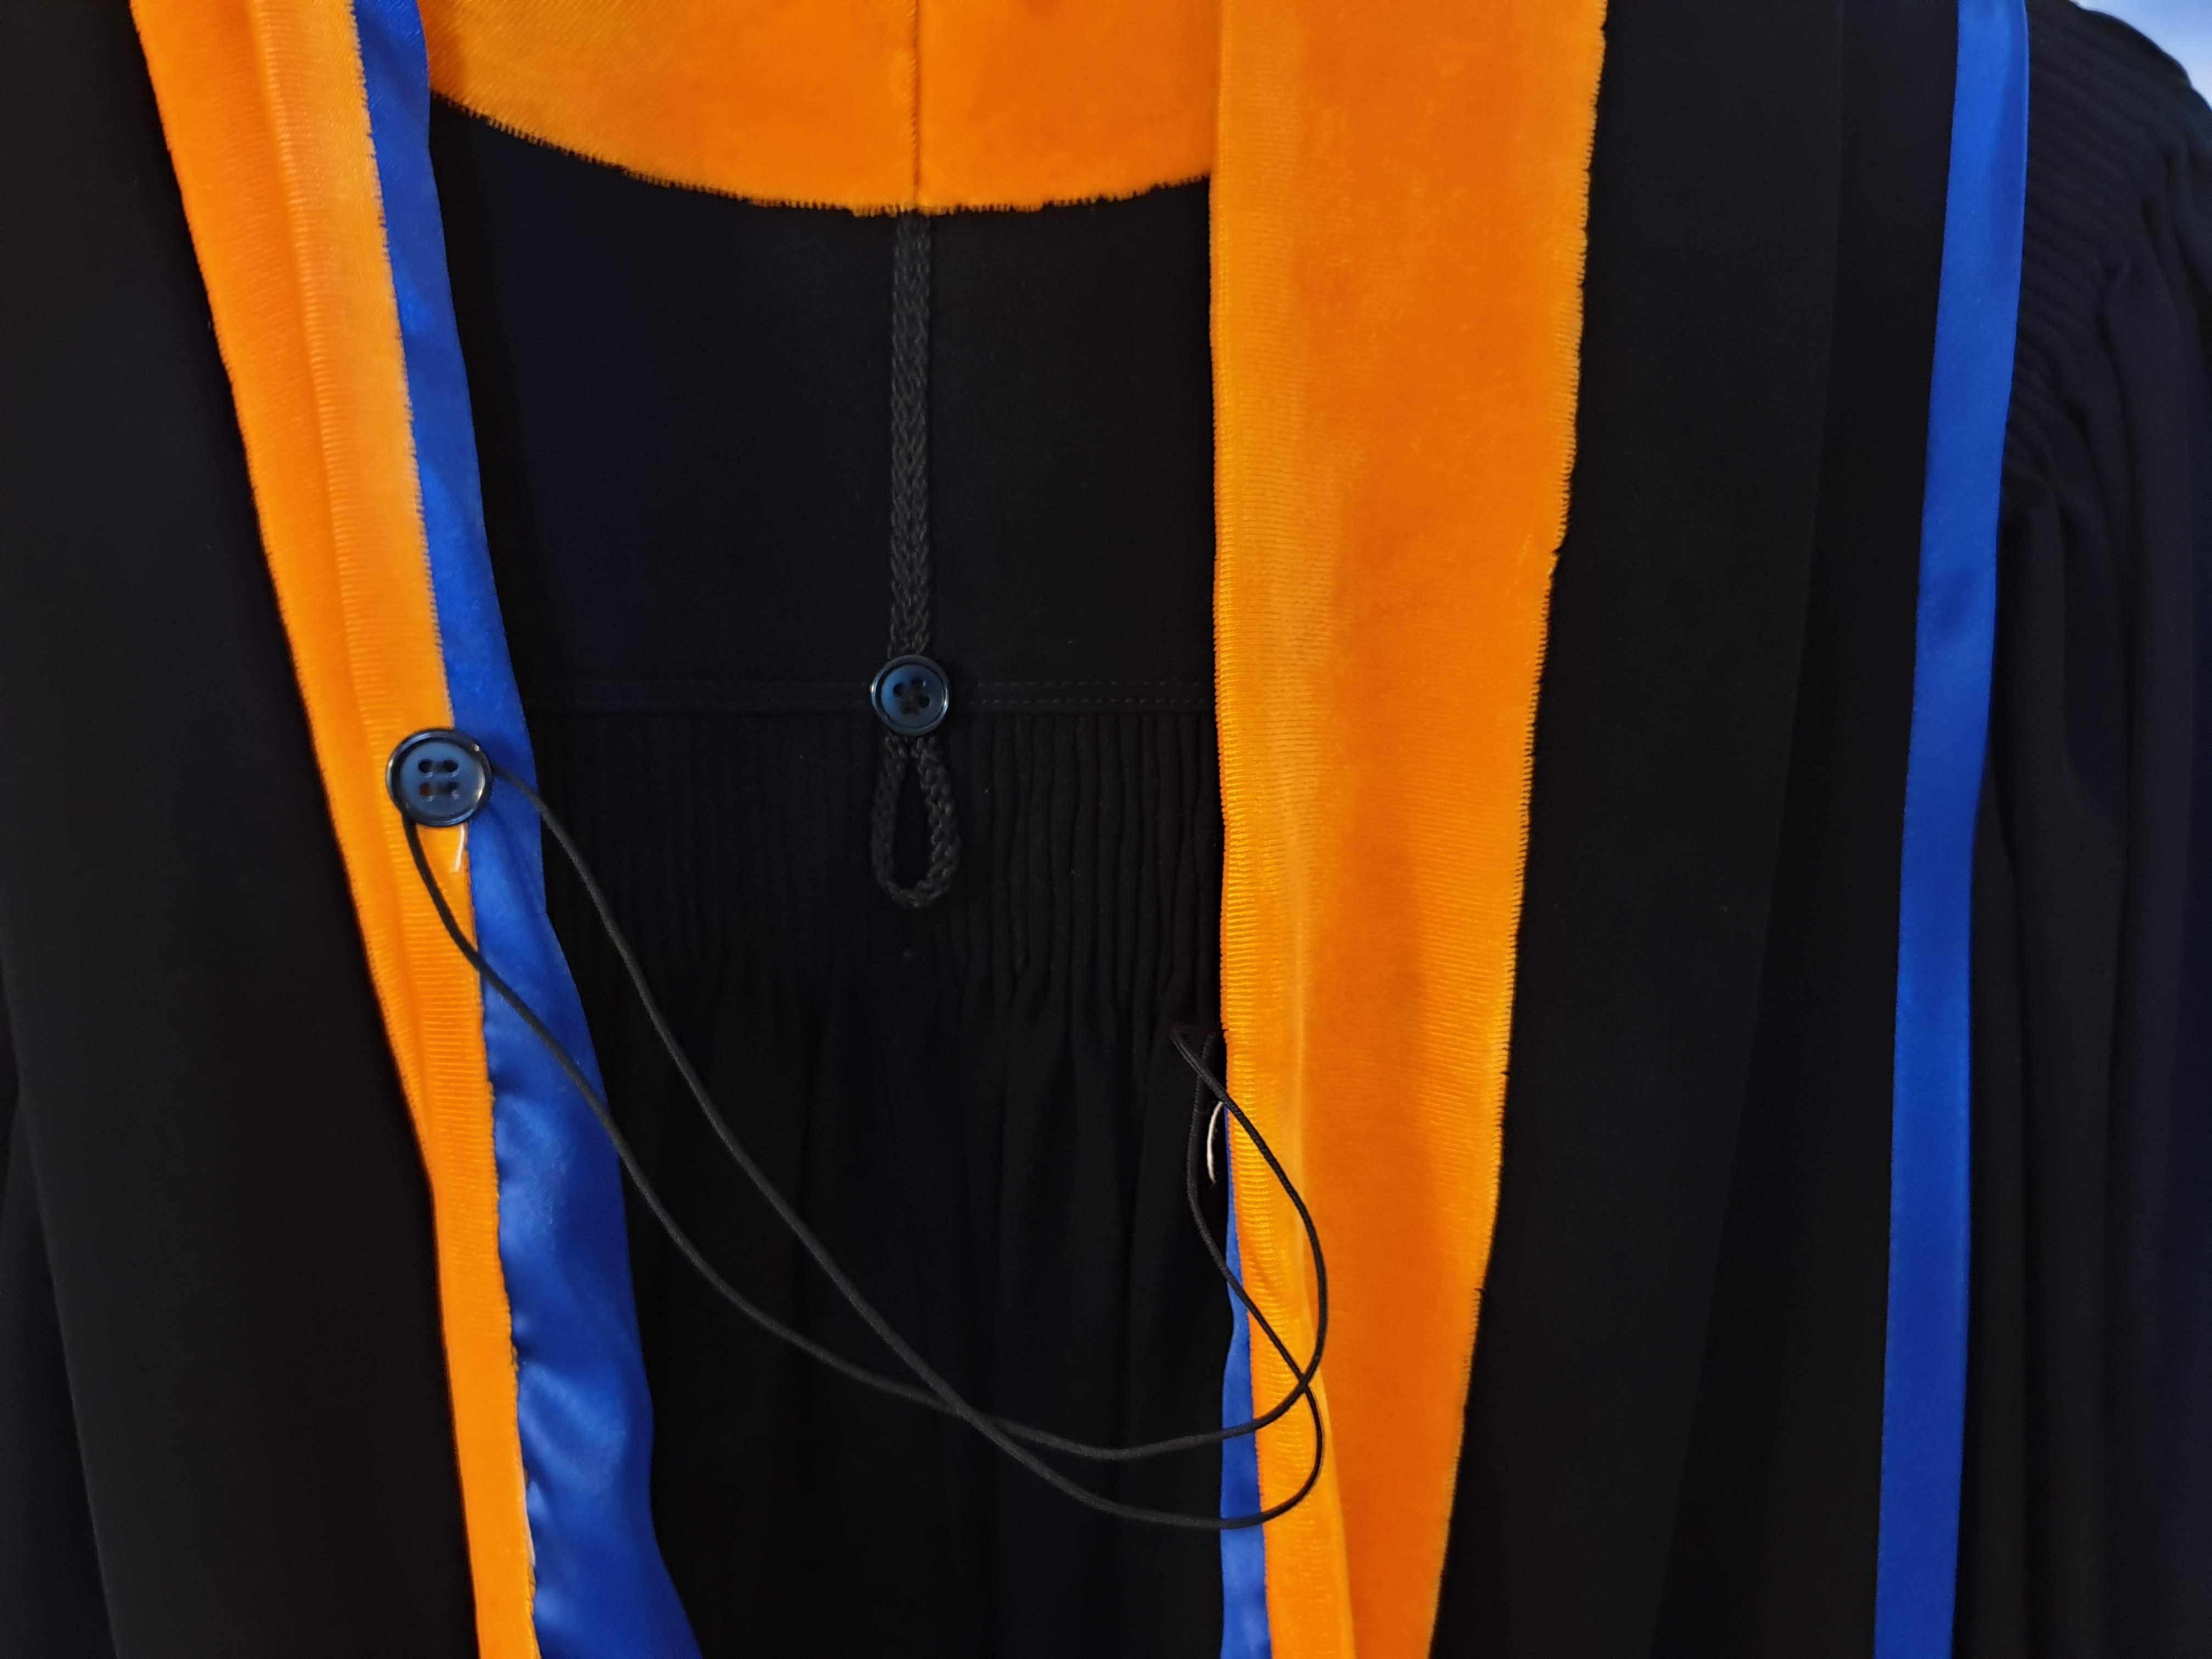 Behind Graduators